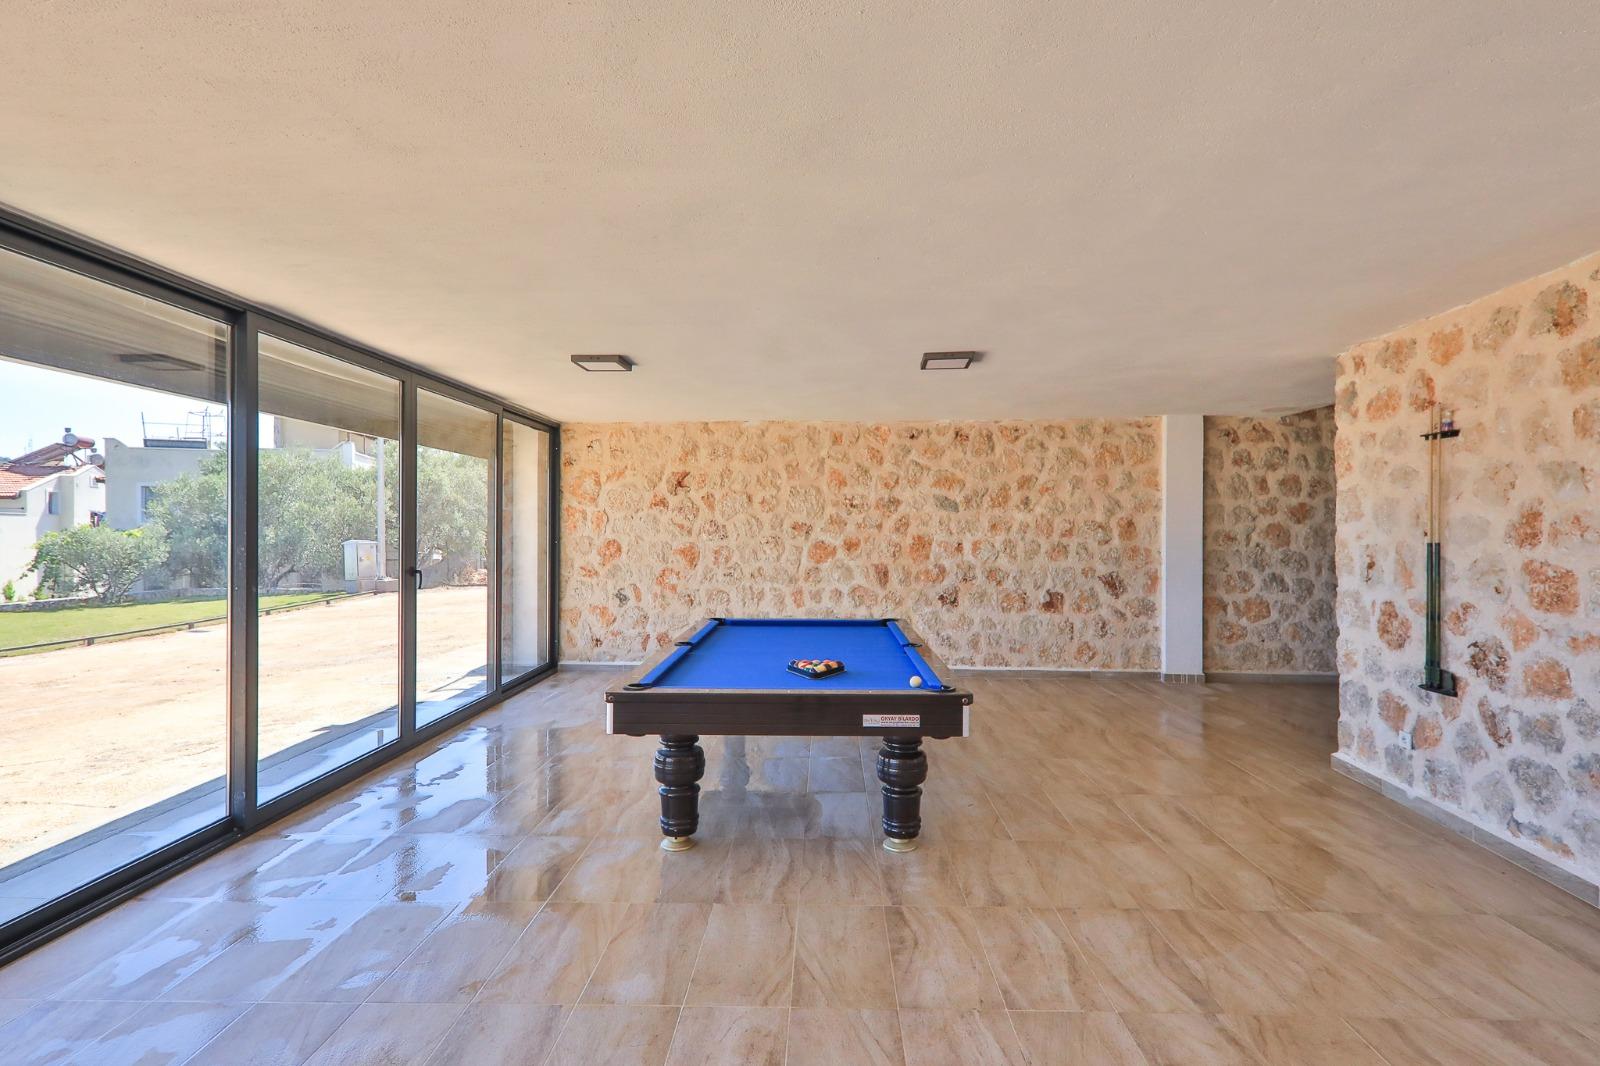 pool games room